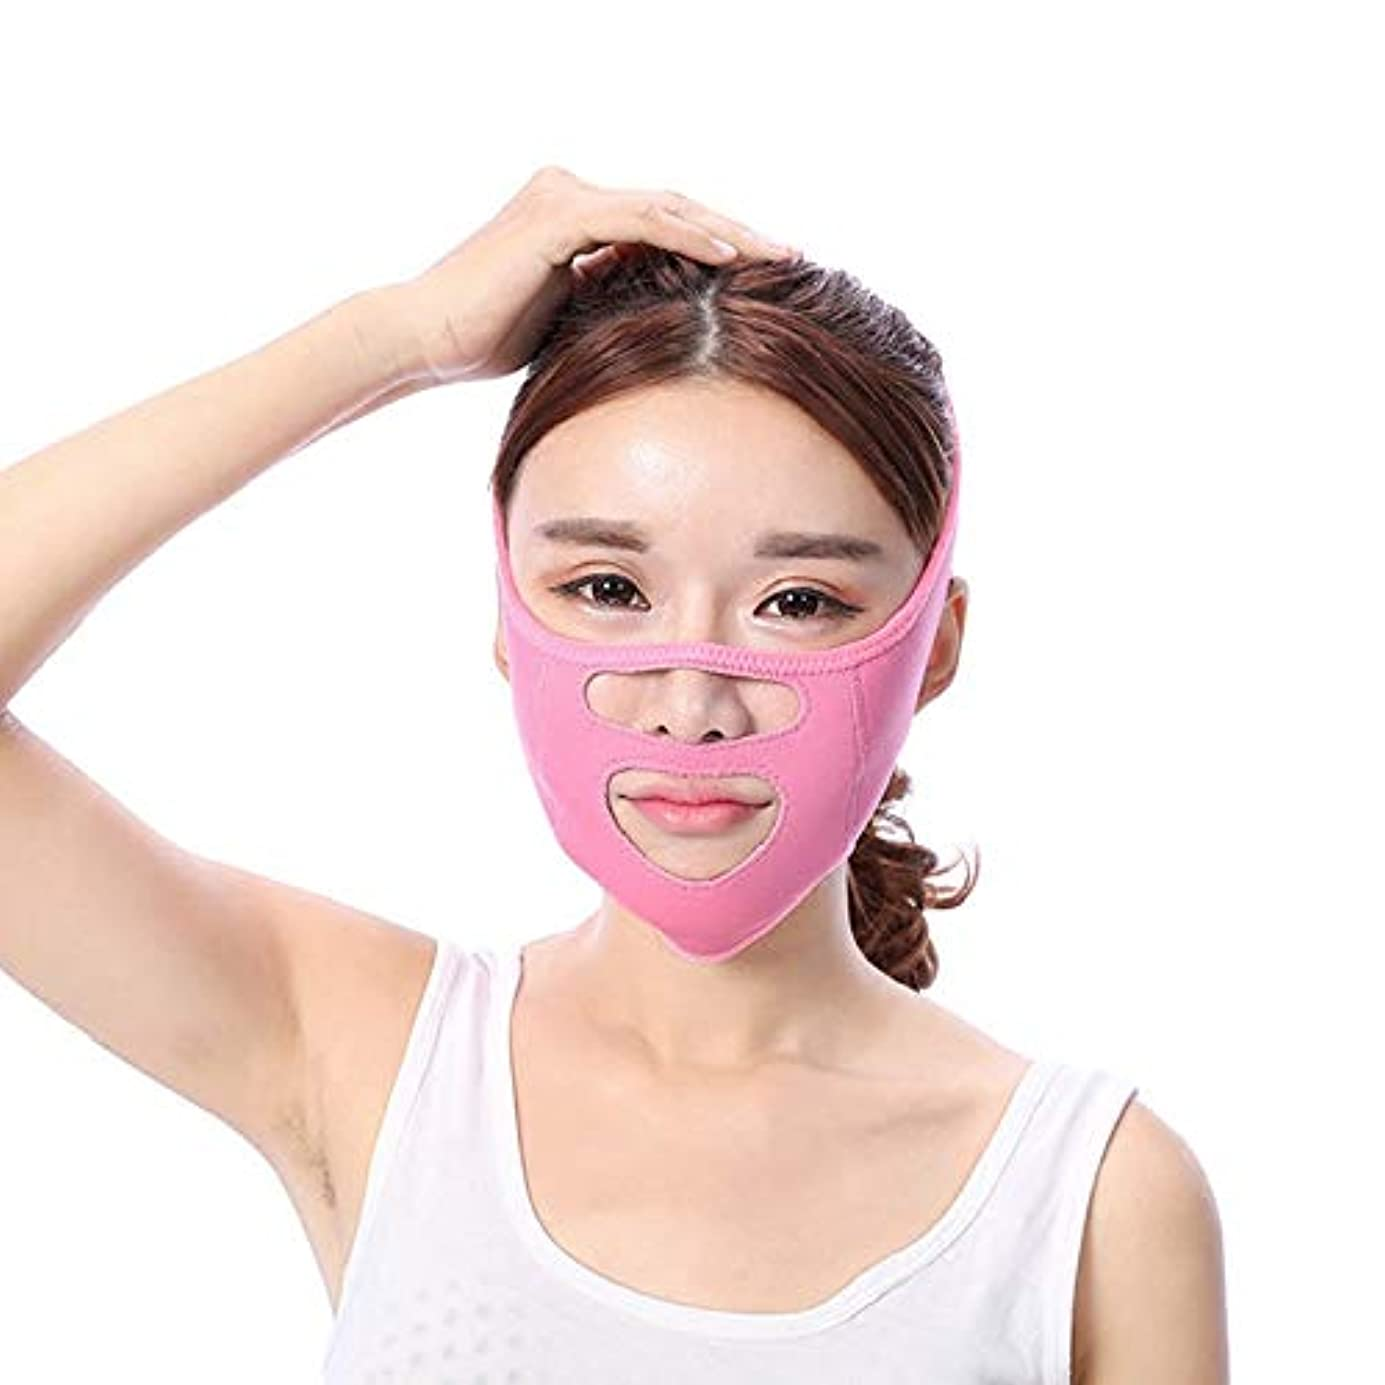 投票ナイトスポット入札フェイスリフトベルトフェイスバンデージ美容機器リフティングファインディングダブルチン法令Vマスク睡眠マスク通気性 美しさ